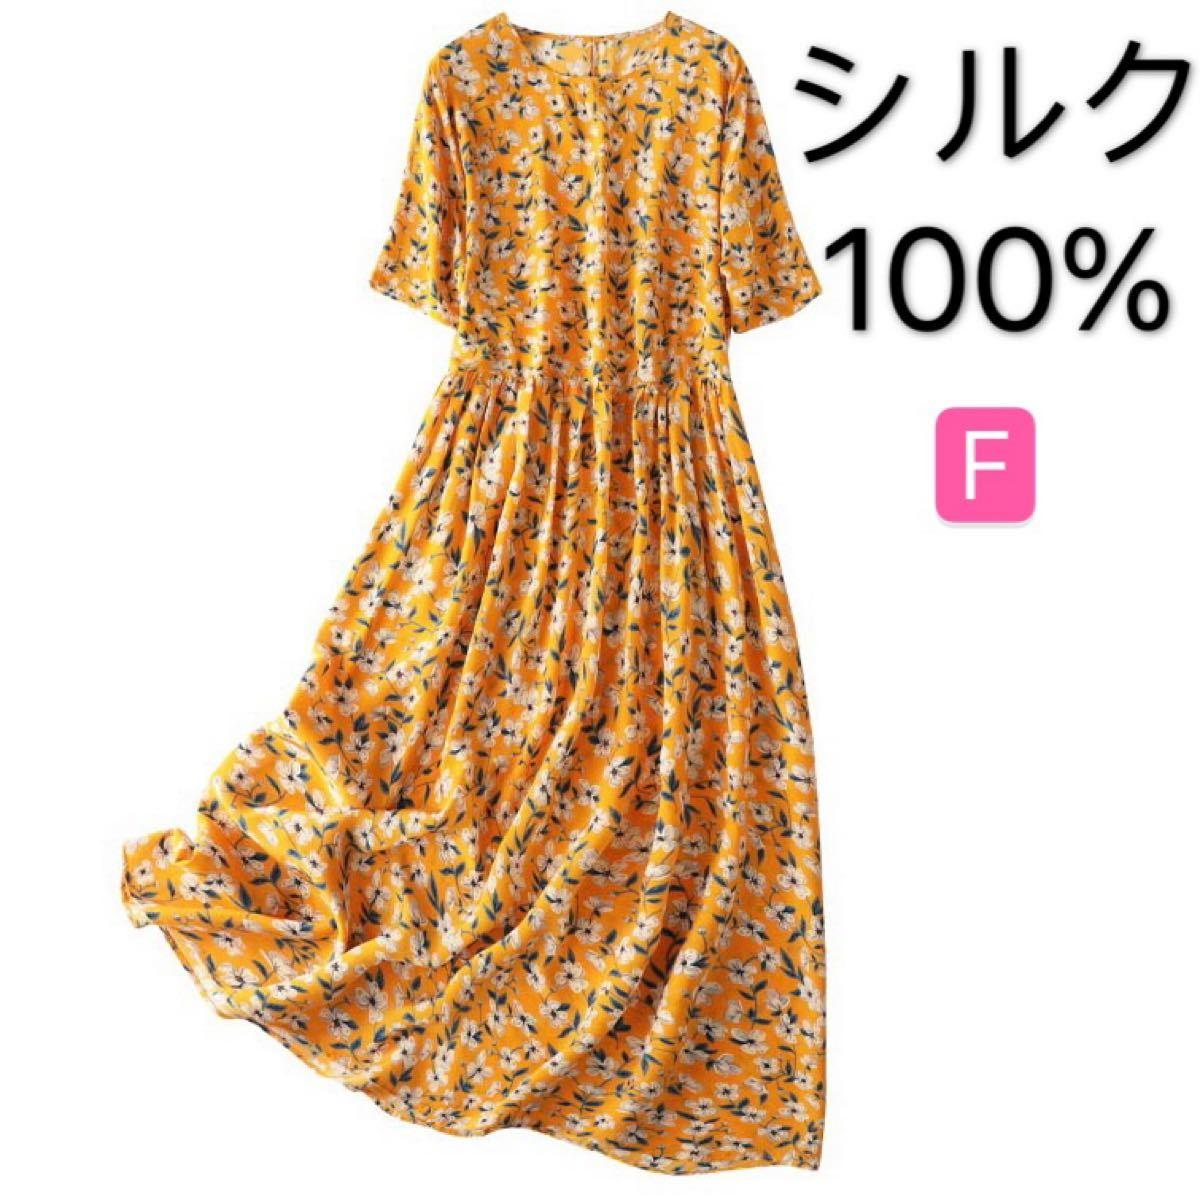 シルク絹100% ワンピース F着丈118肩間44身幅55 花柄